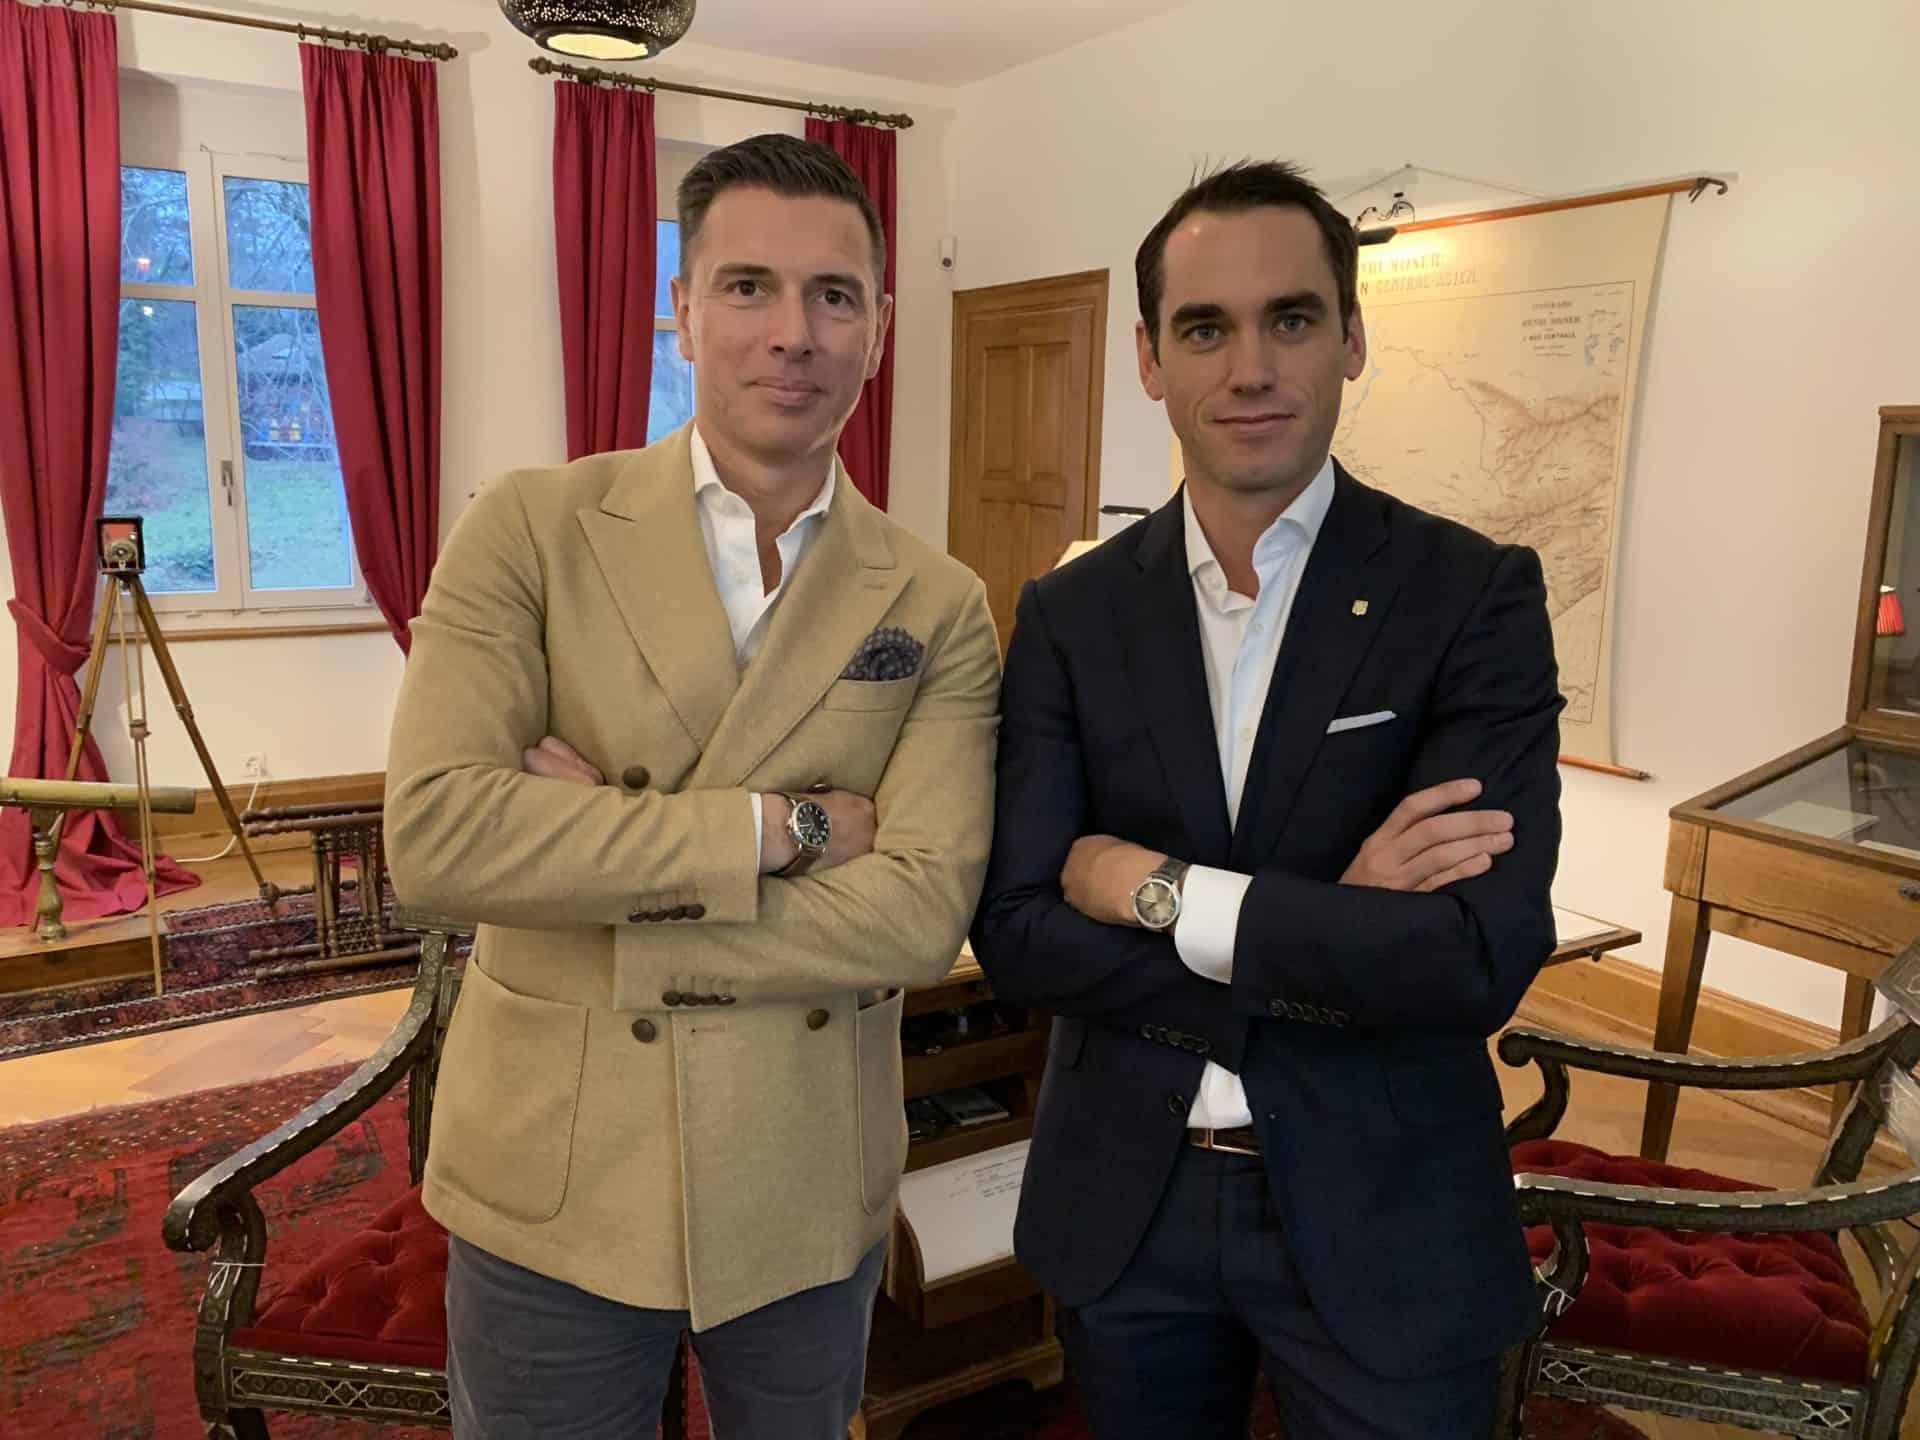 Patrick Graf, Produktverantwortlicher bei Bucherer, und Edouard Meylan, CEO von H. Moser & Cie präsentieren die Bucherer Blue Editions